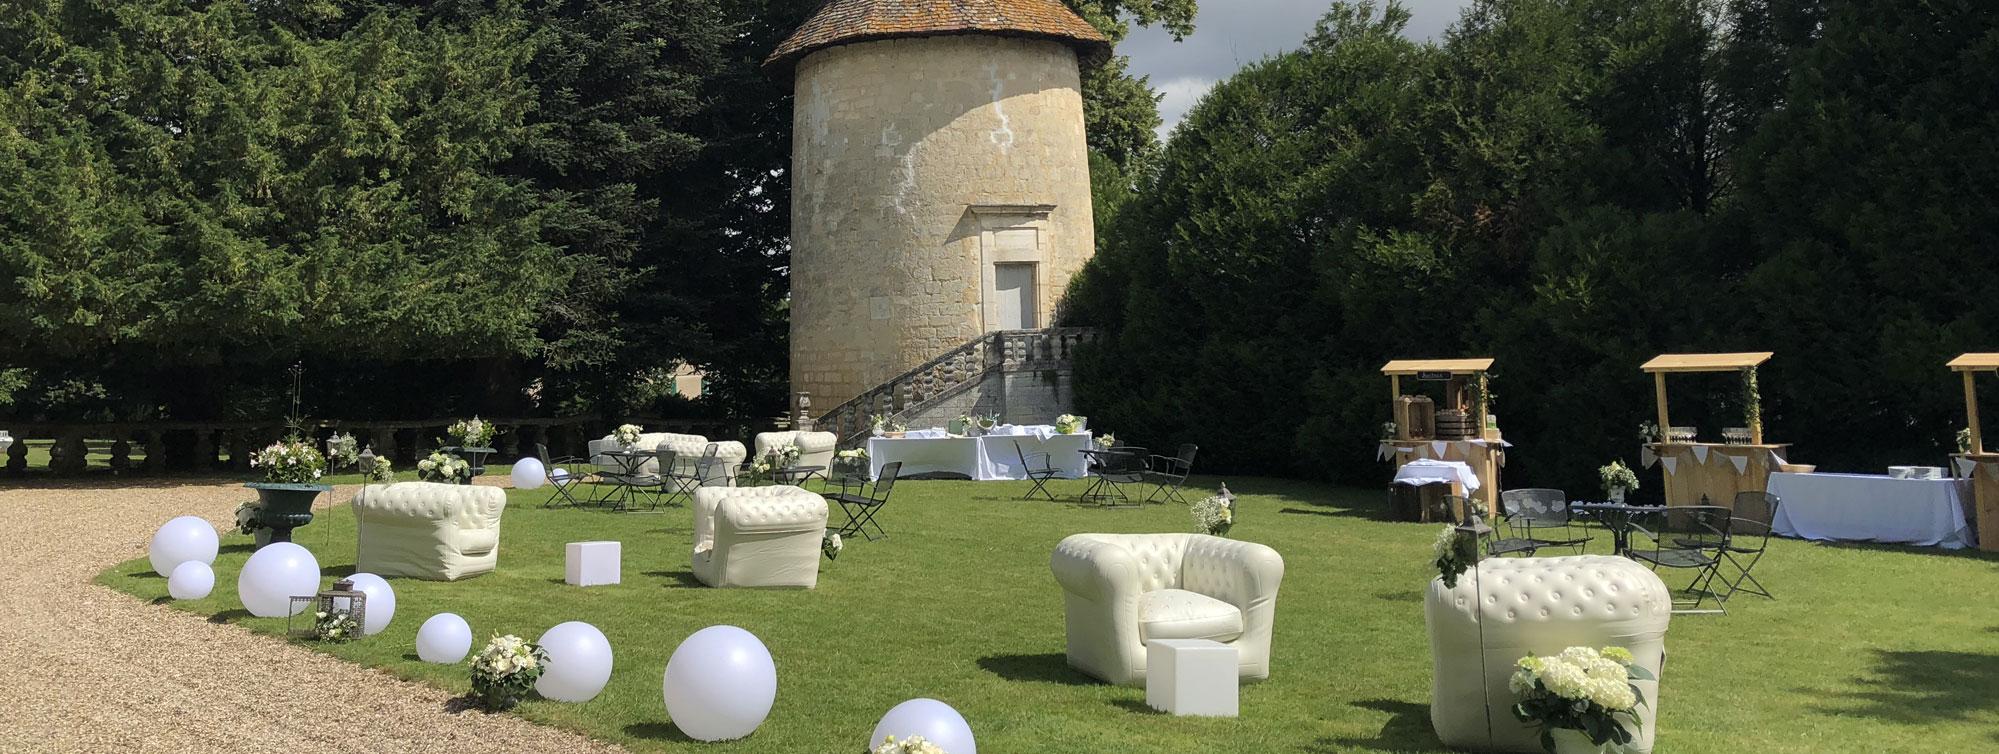 Chateau de Maumont - Mariage ©Chateau de Maumont